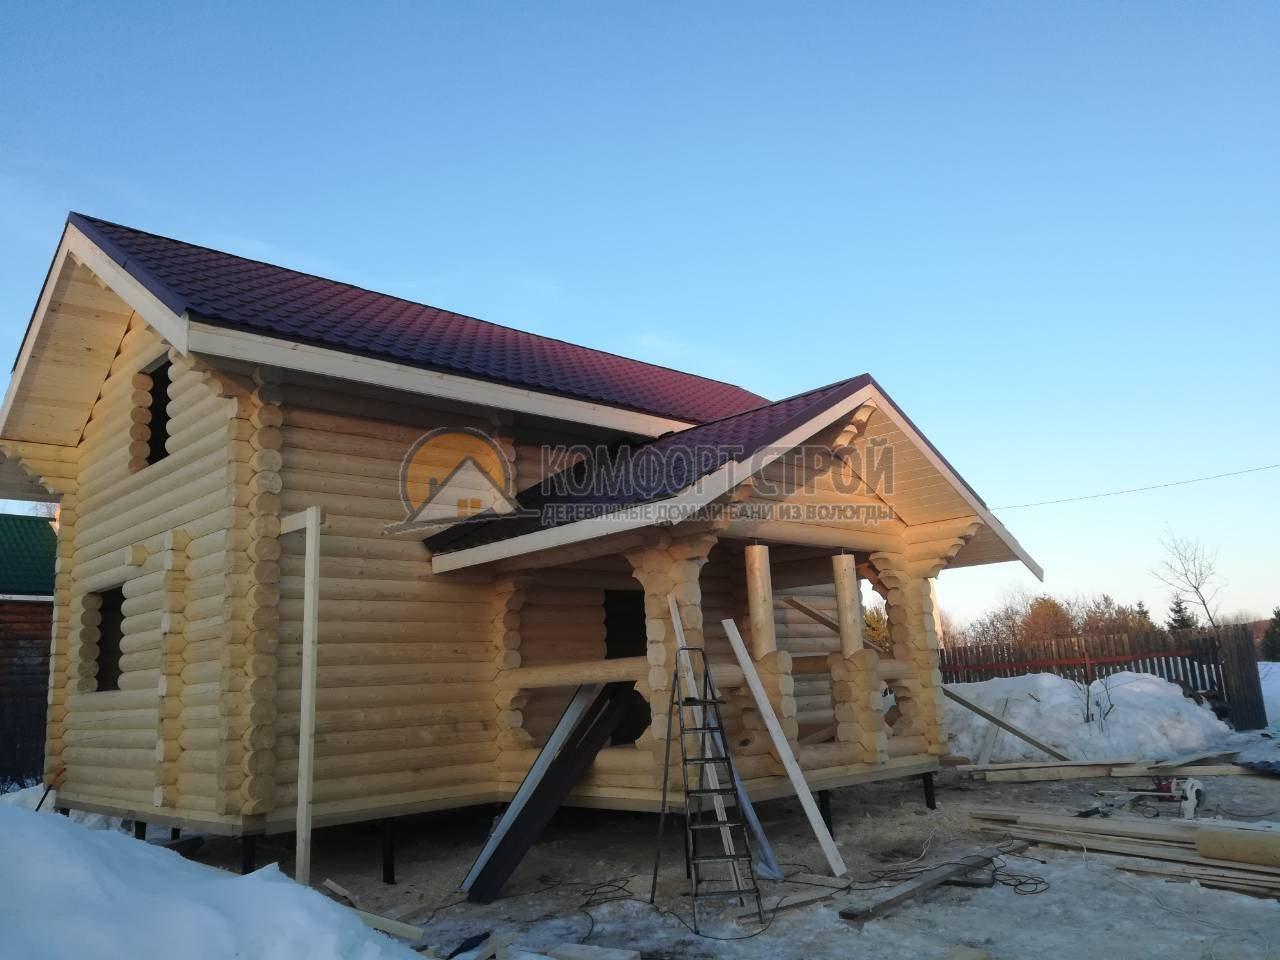 Проект №120 Борисово 8.1х9.4